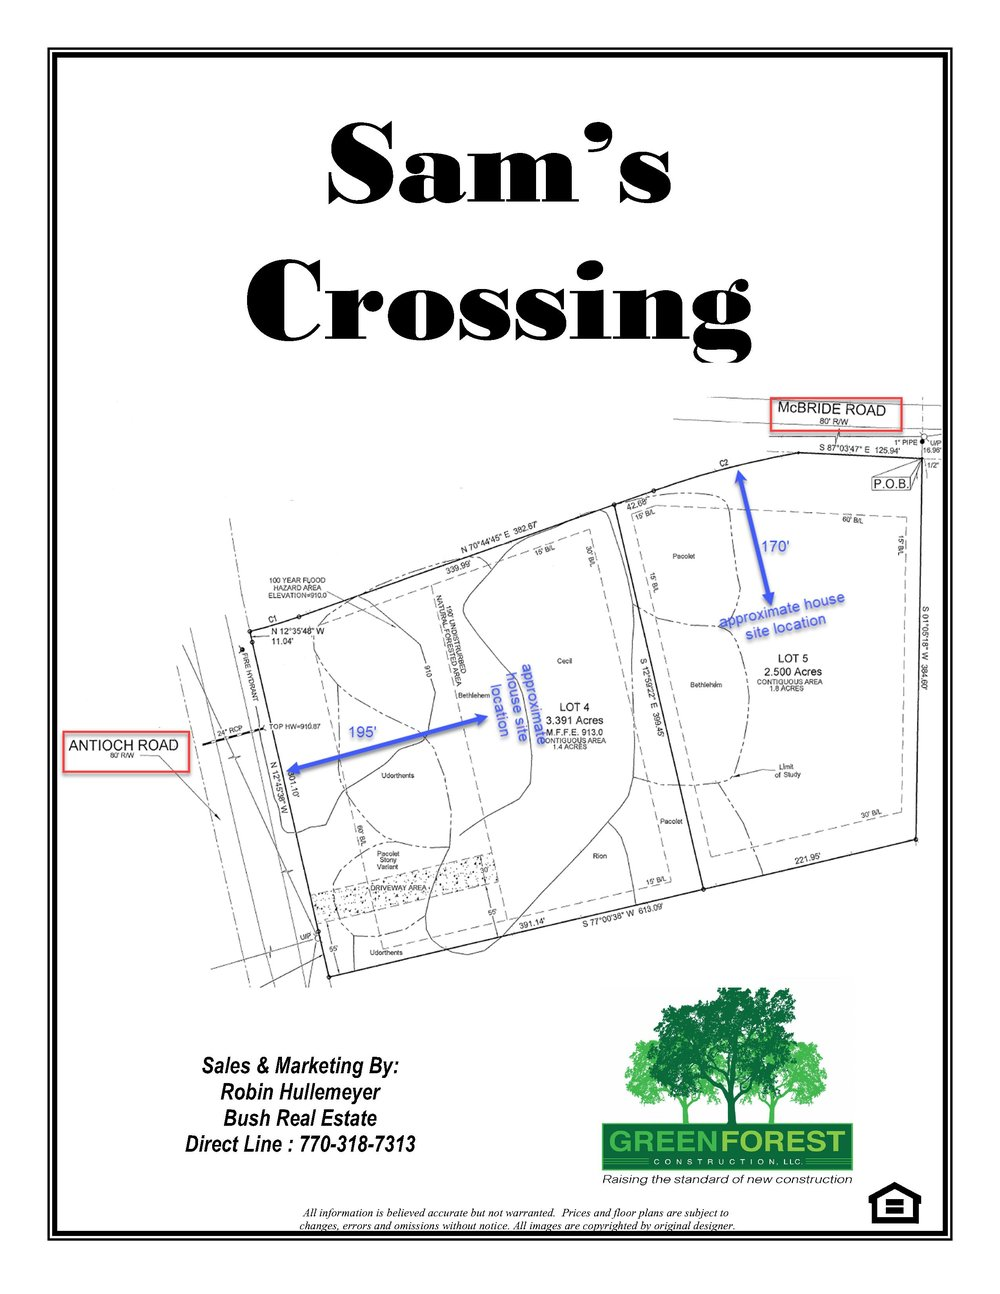 09.11.17 - Sams Crossing Plat 2.jpg